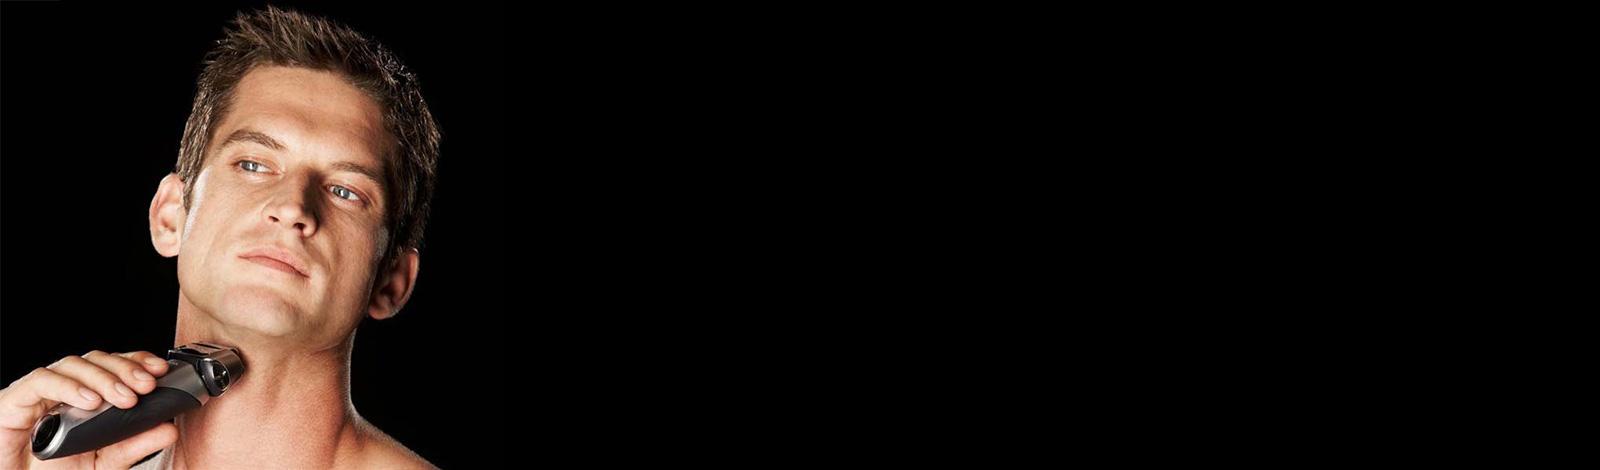 Promoción láminas Braun